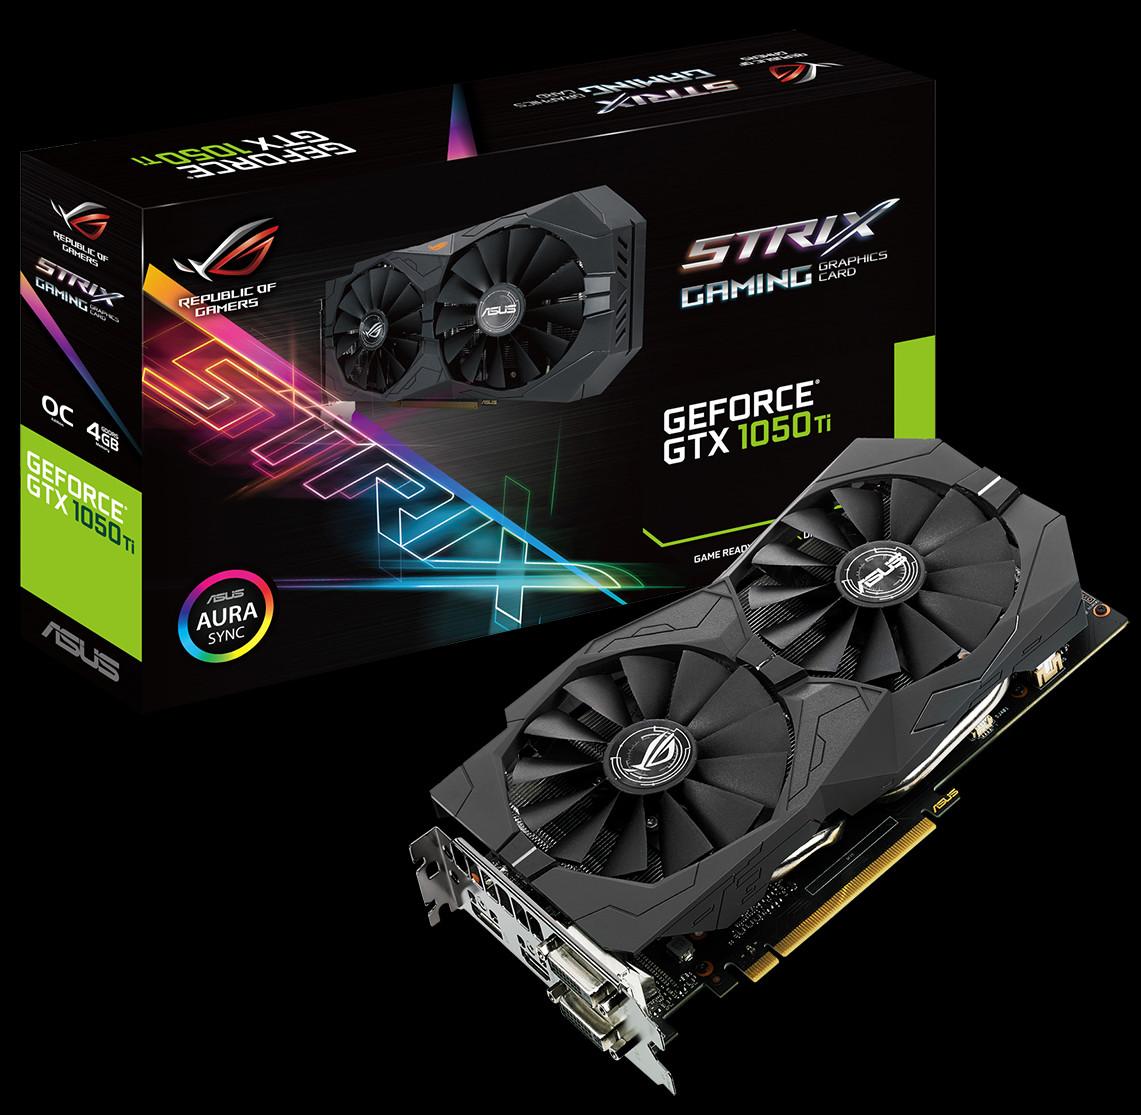 Photo of Asus GeForce GTX 1050 son anunciadas